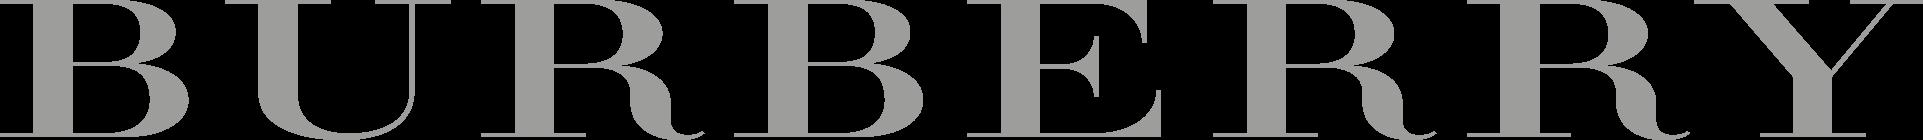 Copy of Burberry